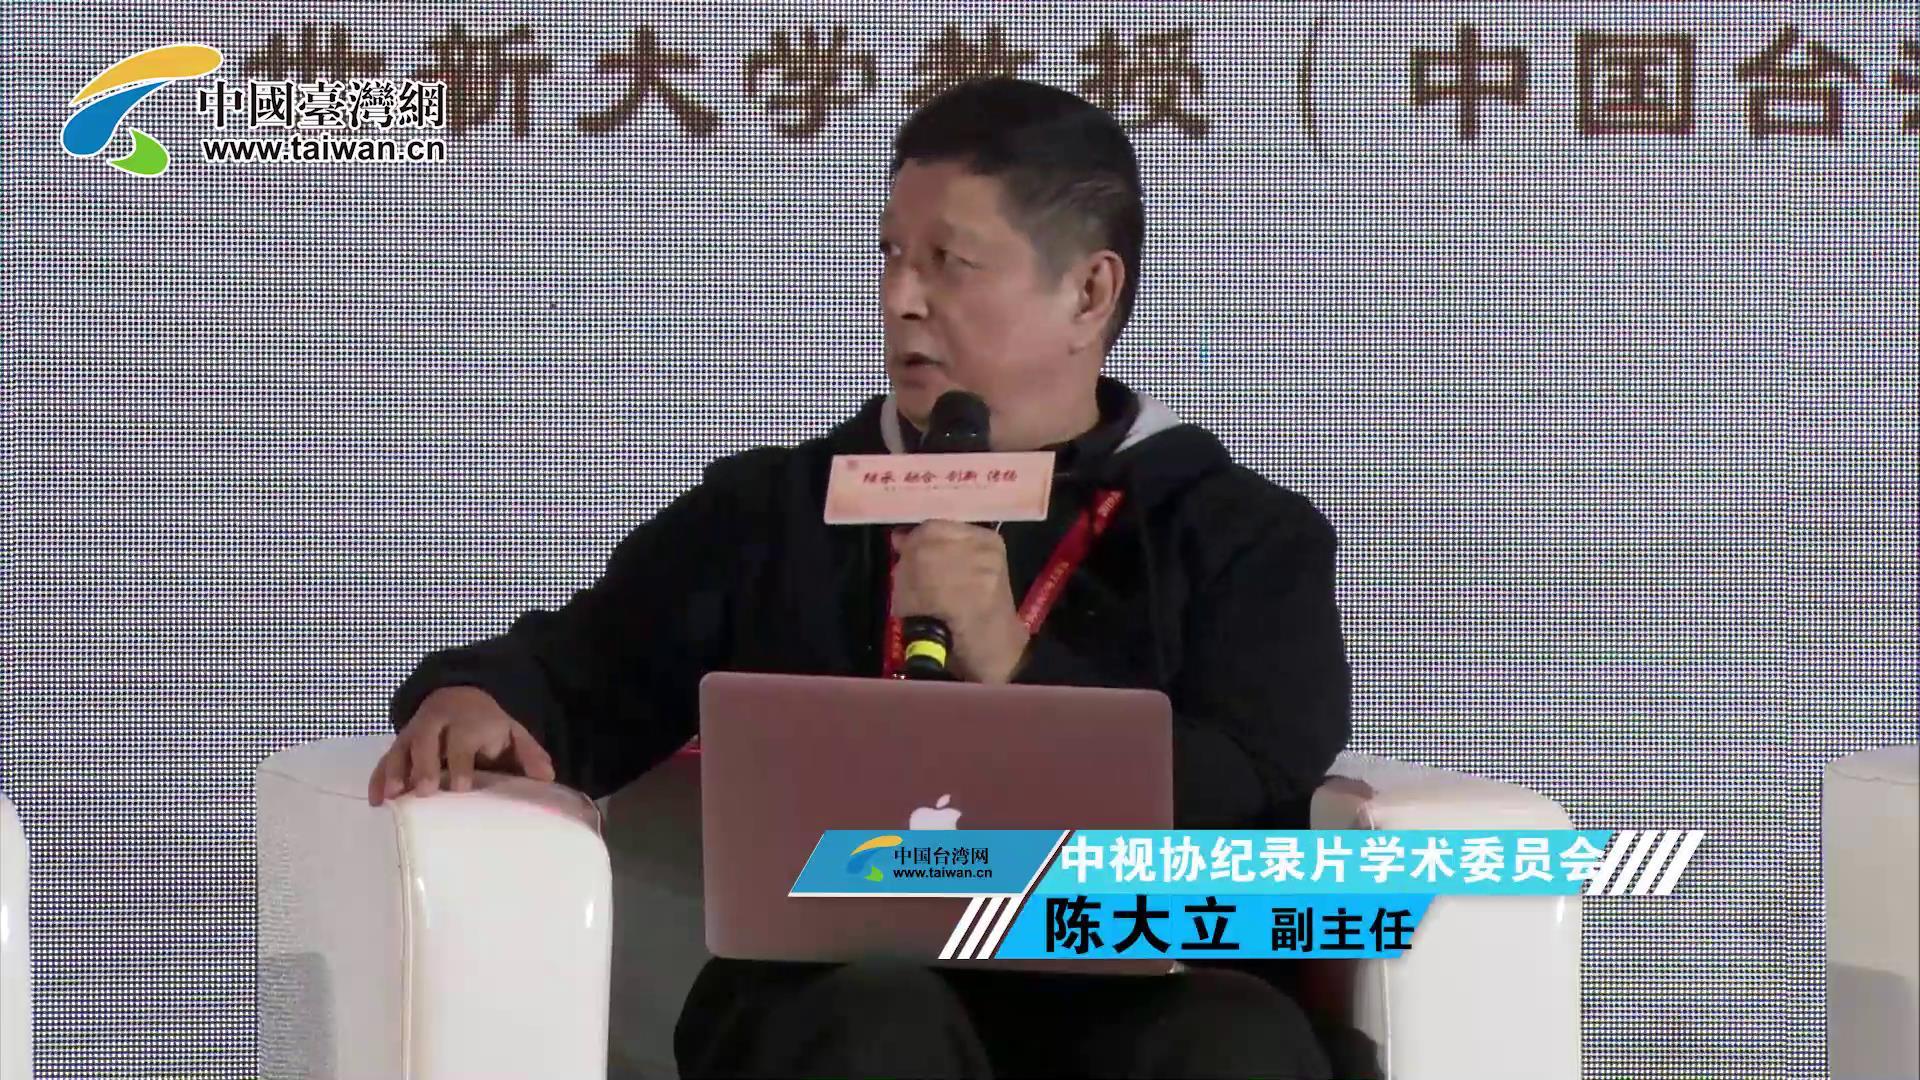 中視協紀錄片學術委員會副主任 陳大立 講述關于抖音的事圖片